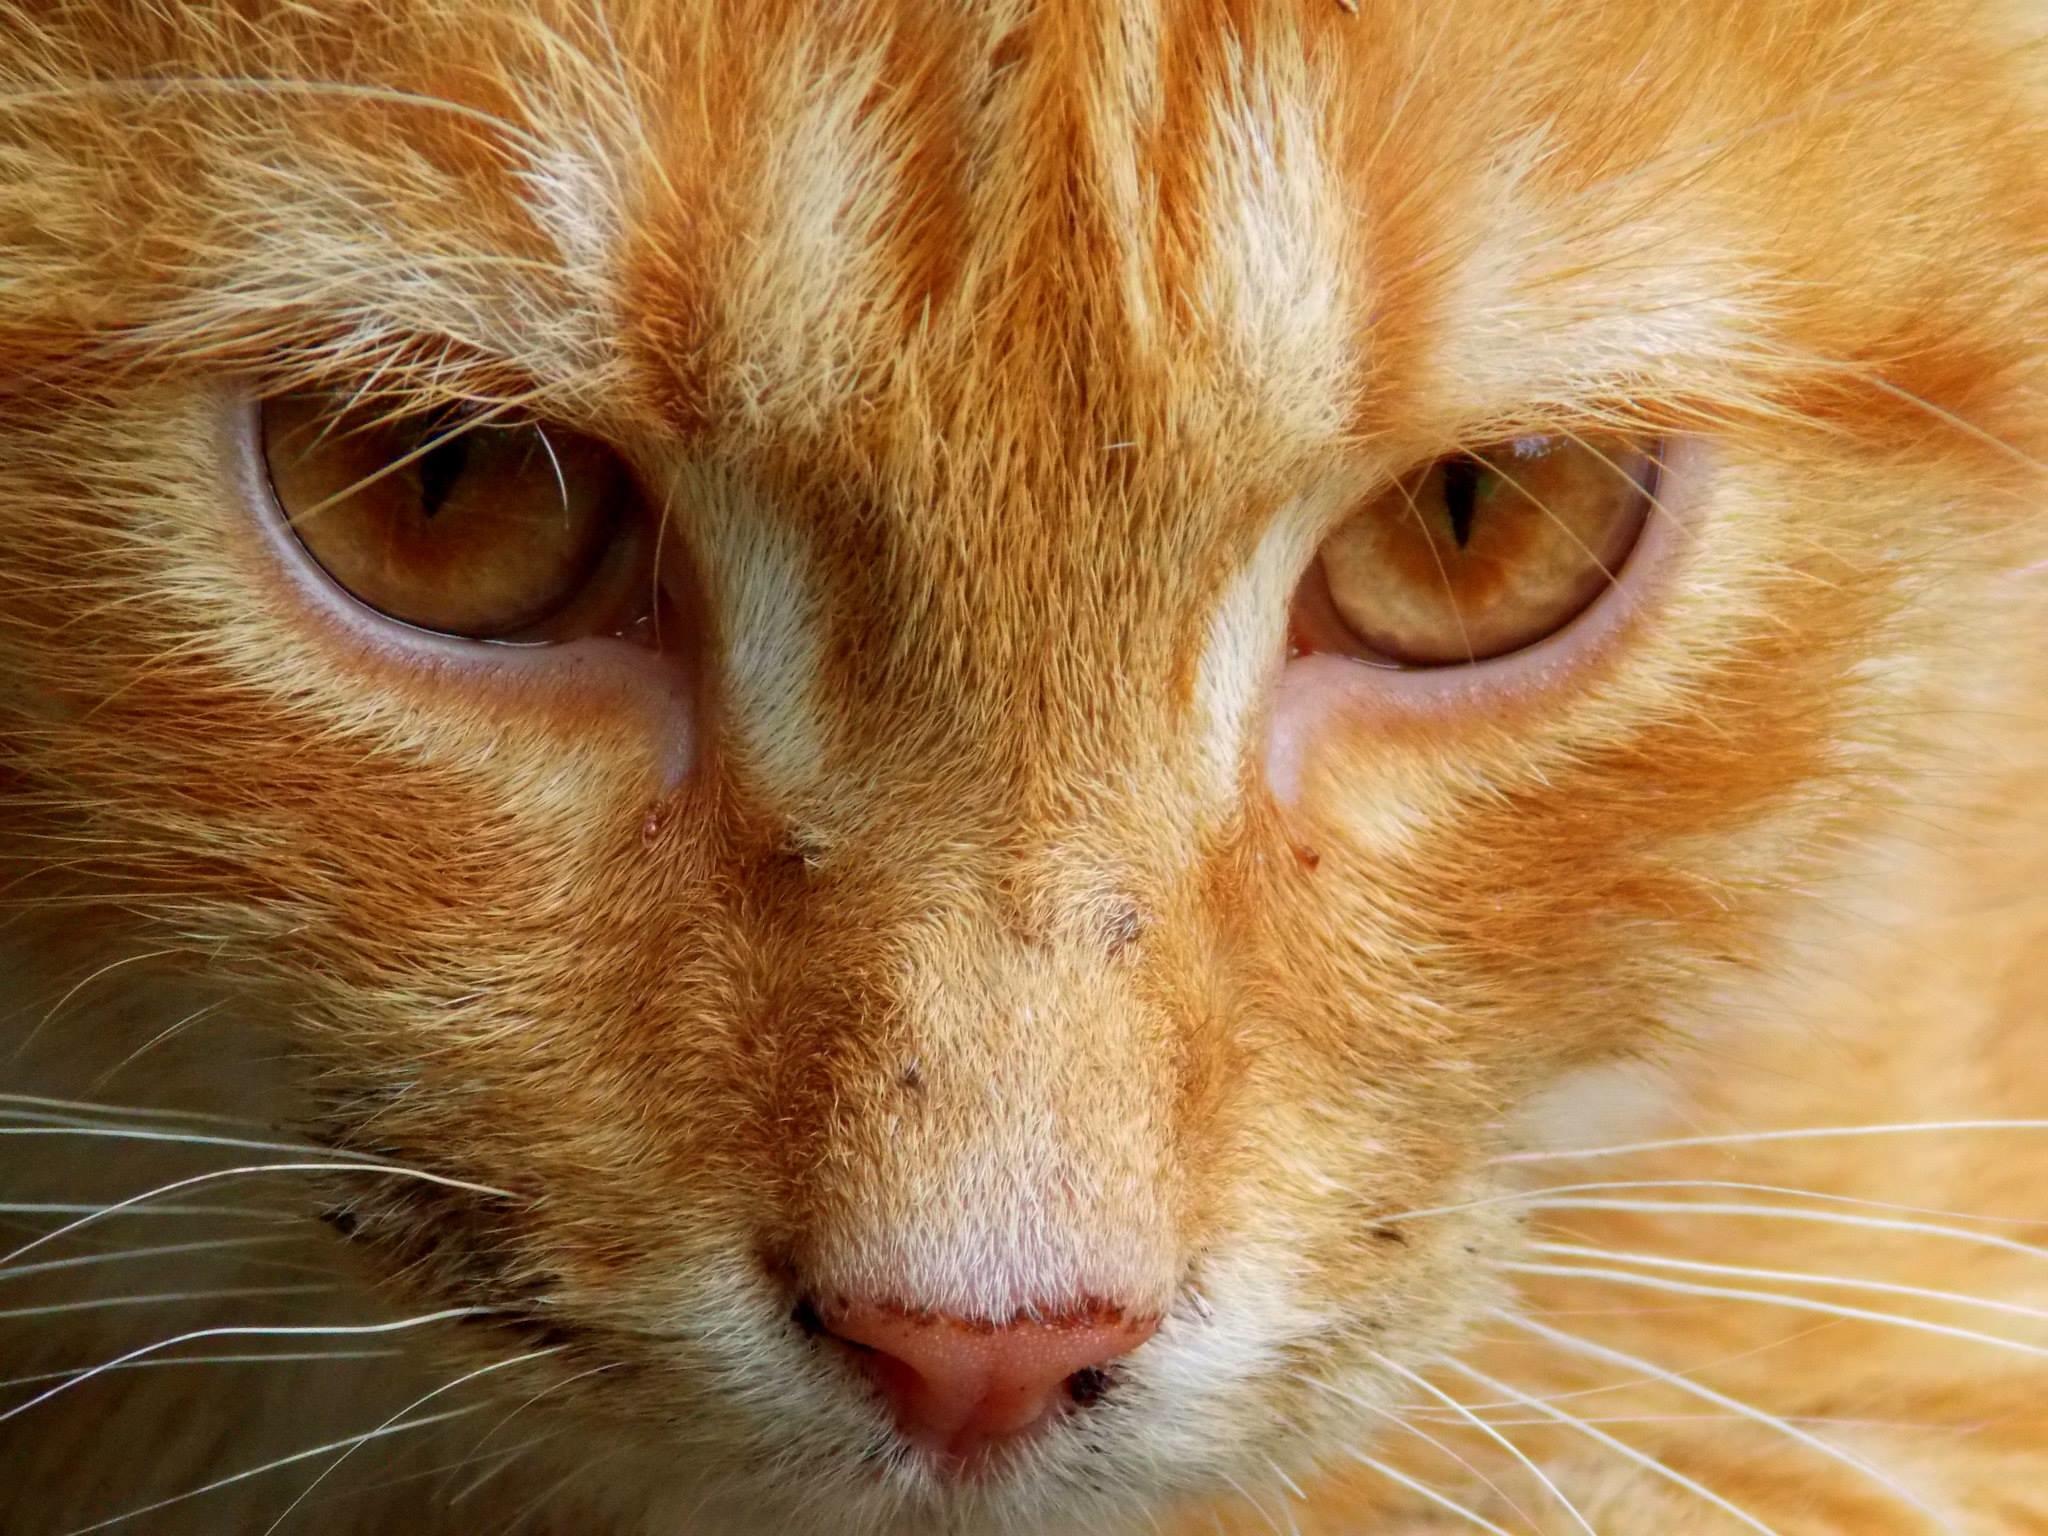 Darmowe Zdjęcia Fauna ścieśniać Nos Wąsy Pysk Oko Kręgowiec